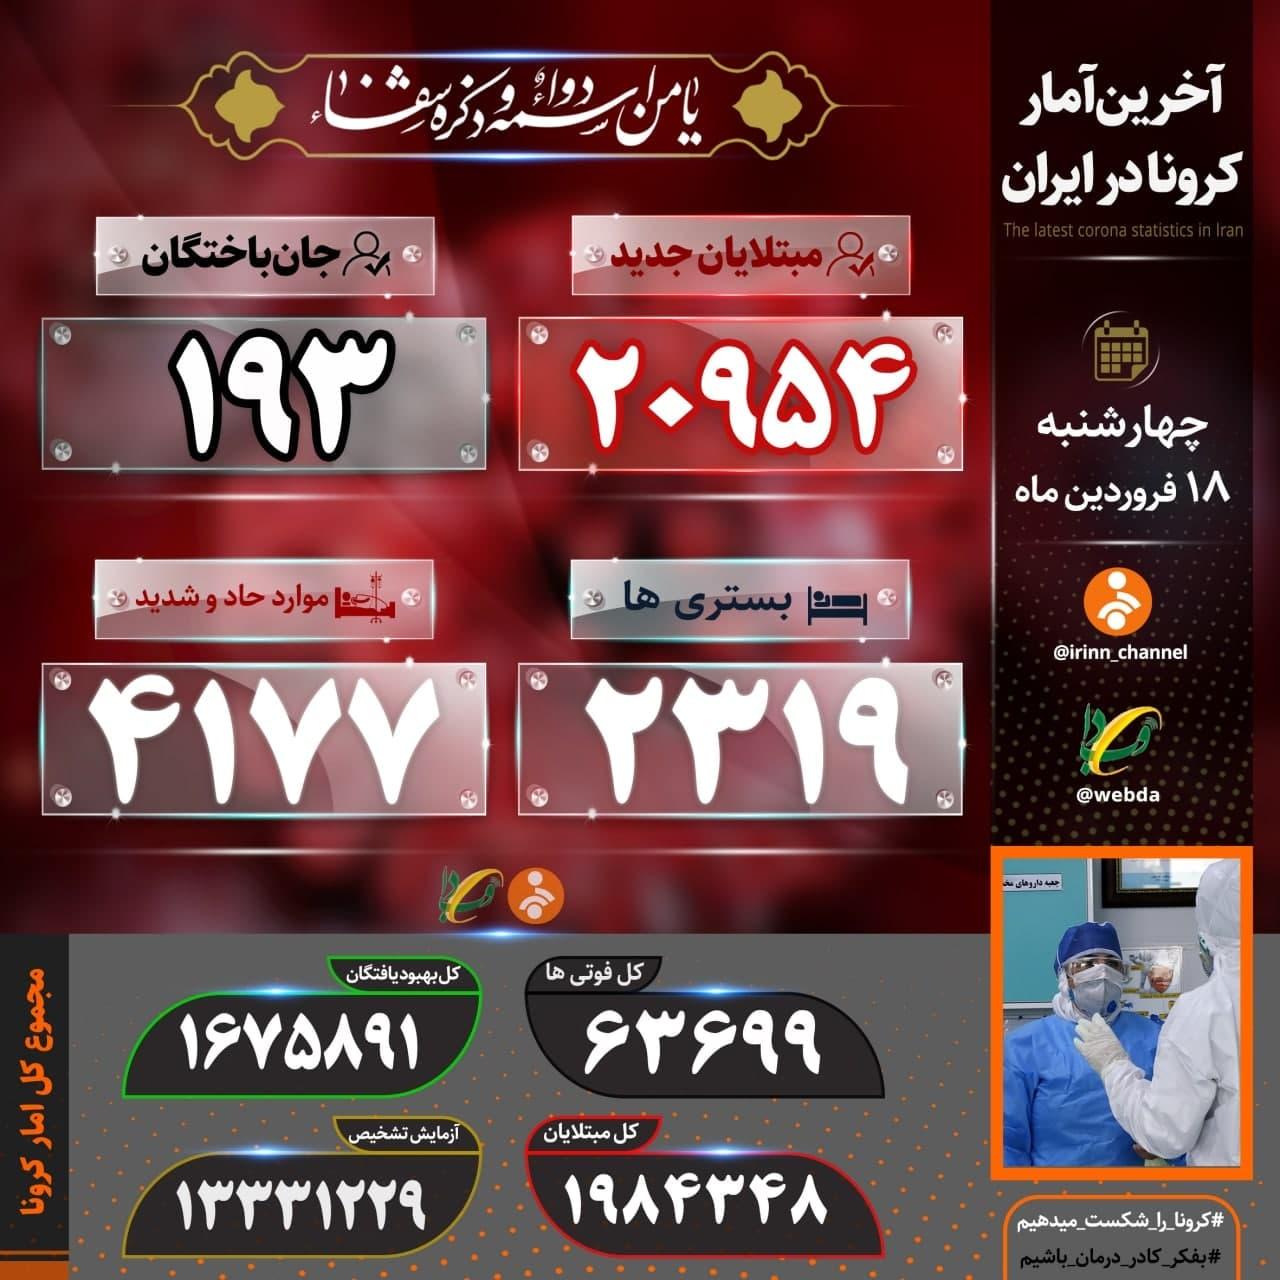 آخرین آمار کشته شدگان کرونا ویروس در ایران 18 فروردین 1400 + اینفوگرافیک